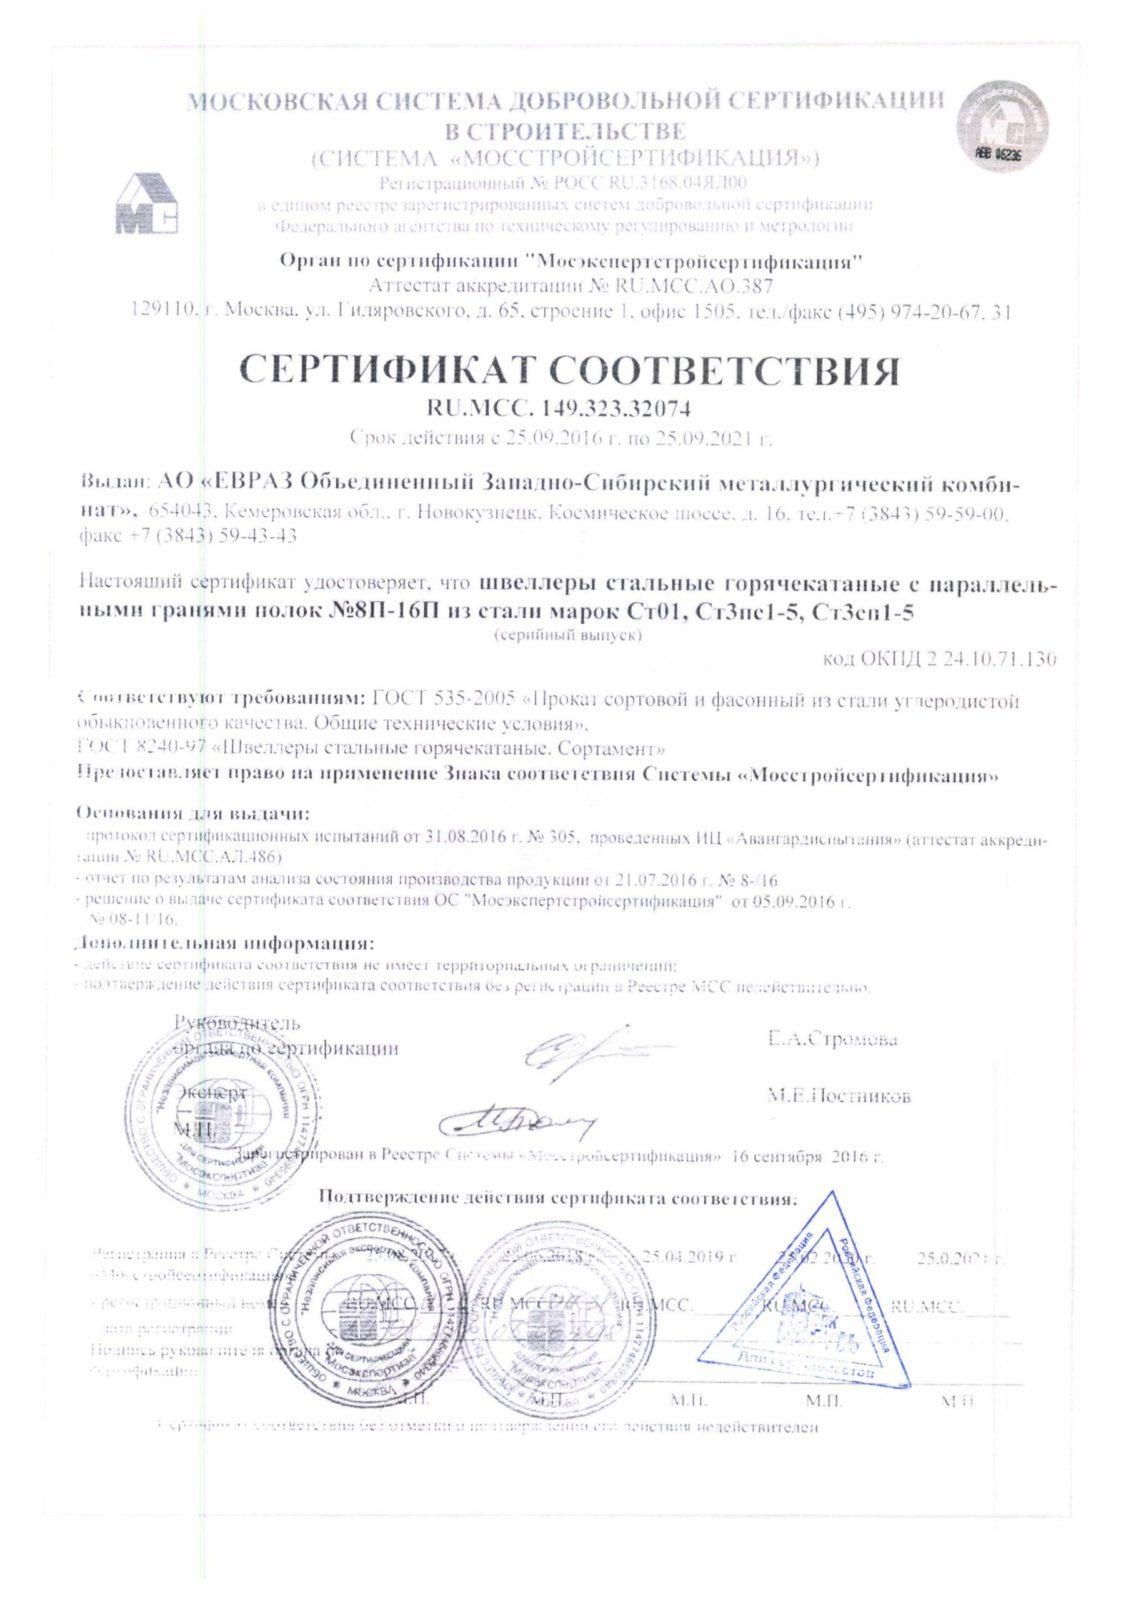 сертификат соответствия на швеллер 8-16